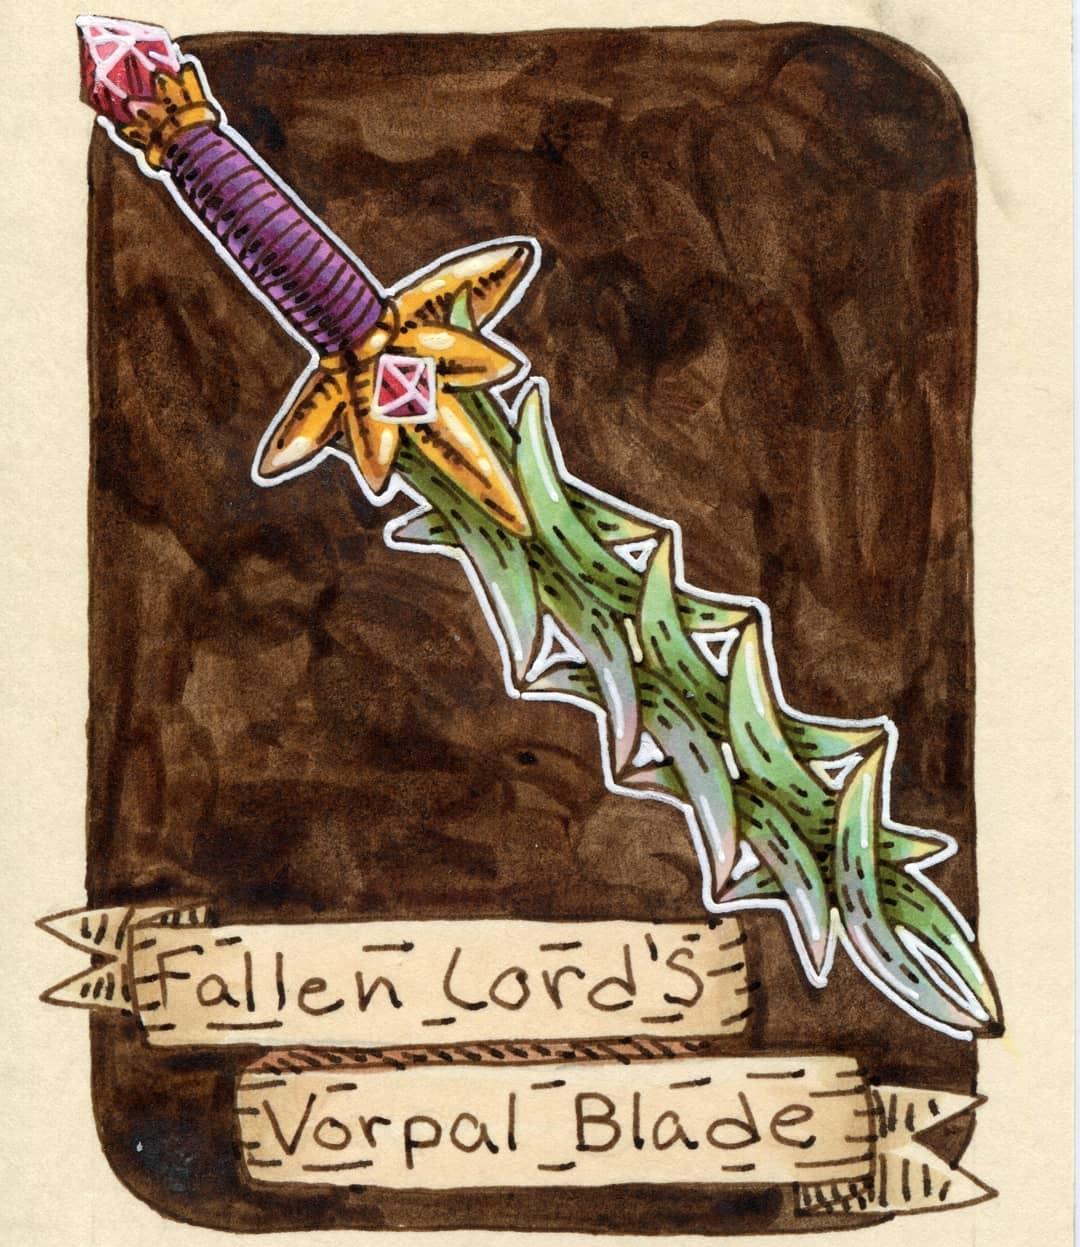 """redjarojam """"Fallen Lord's Vorpal Blade"""" - by Jared DeCosta (redjarojam) www.instagram.com/redjarojam (2018-03) © dell'autore tutti i diritti riservati"""